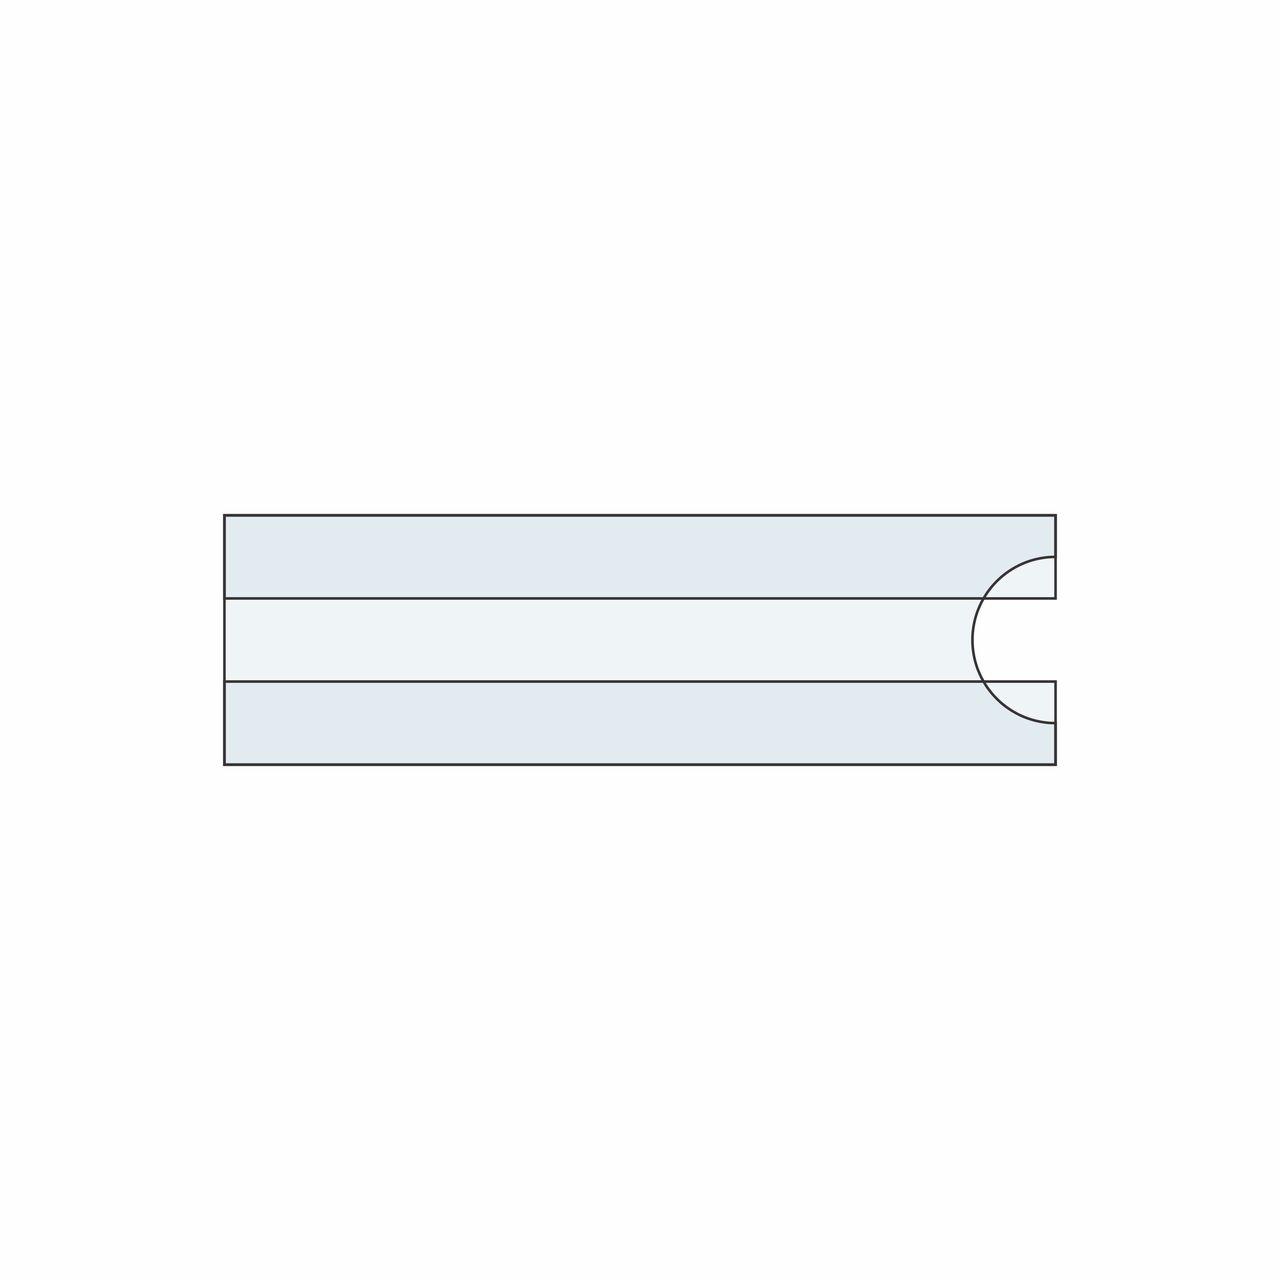 Identificador de prateleira tipo c  - Towbar Sinalização de Segurança